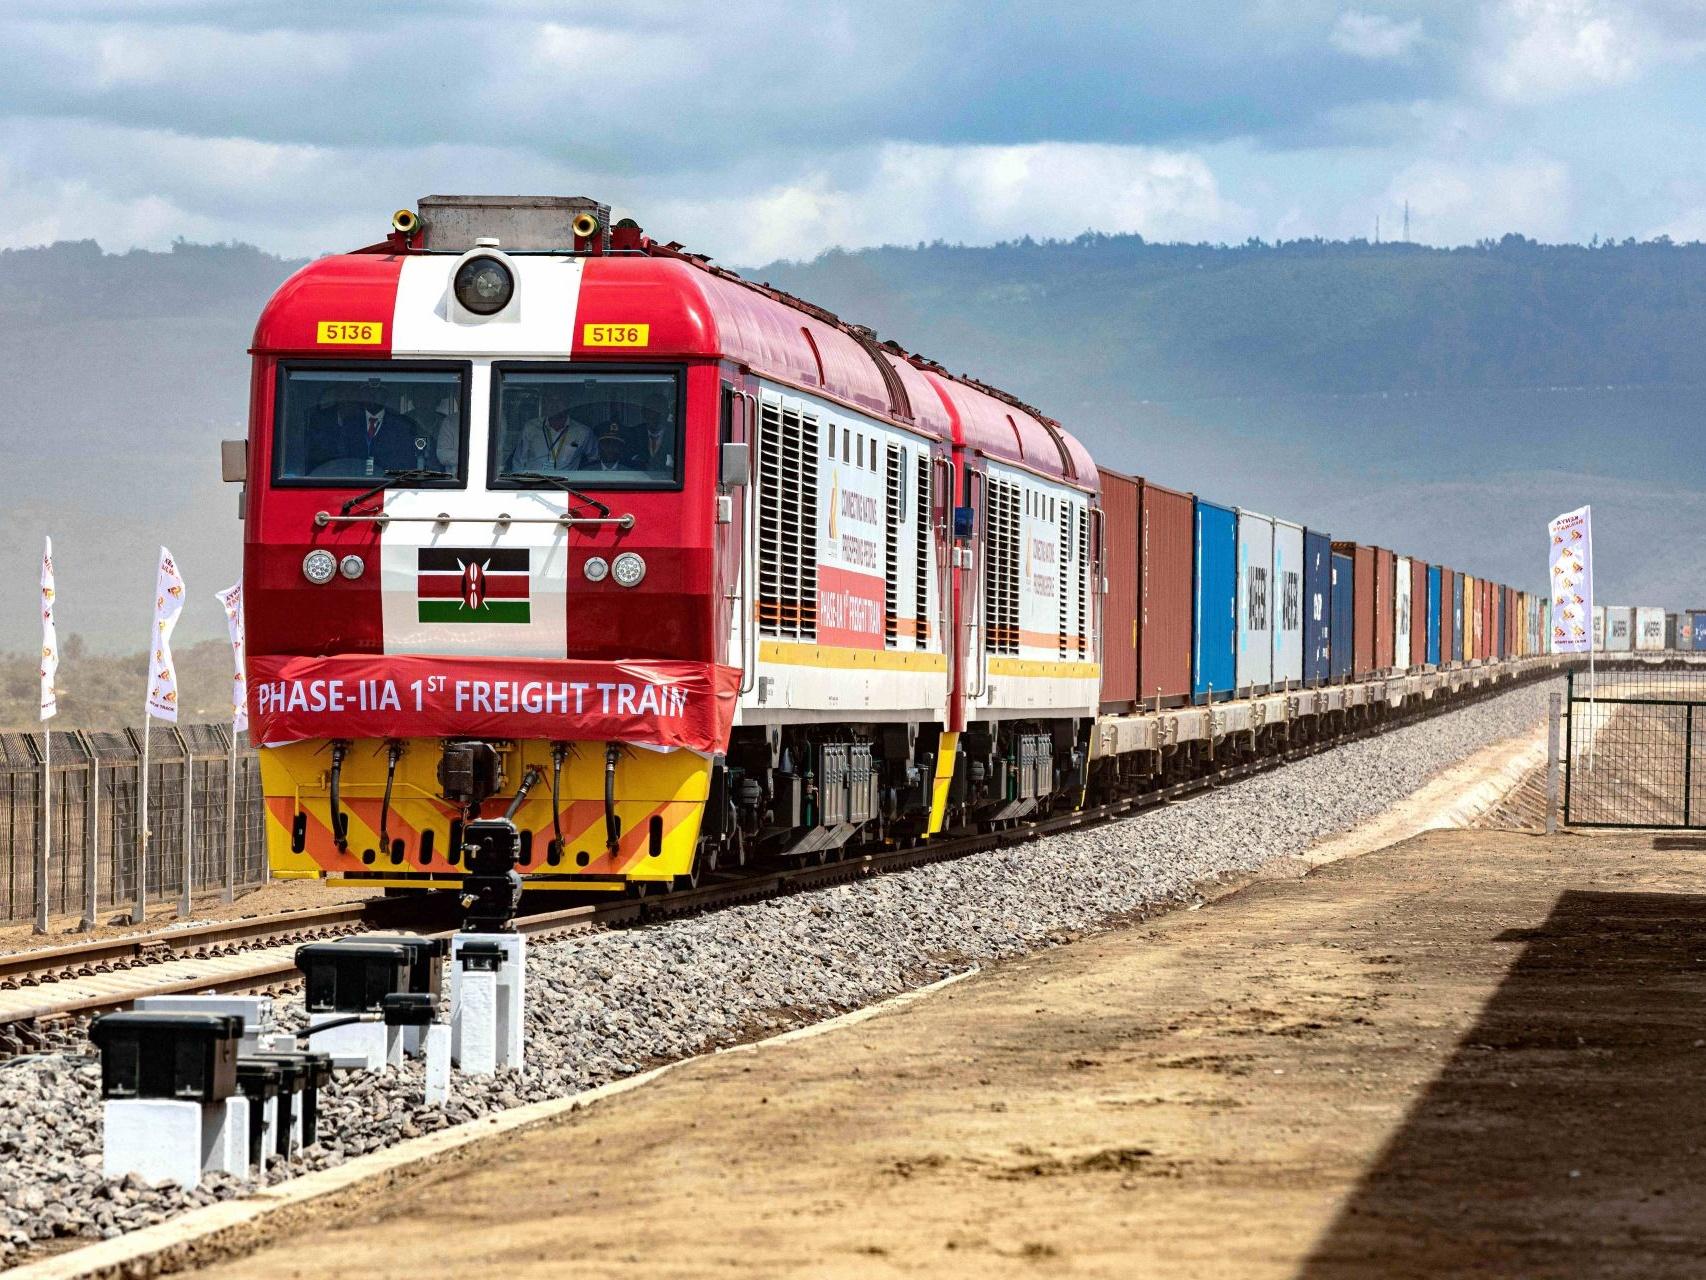 肯尼亚标轨铁路:中肯发展共同体的示范项目